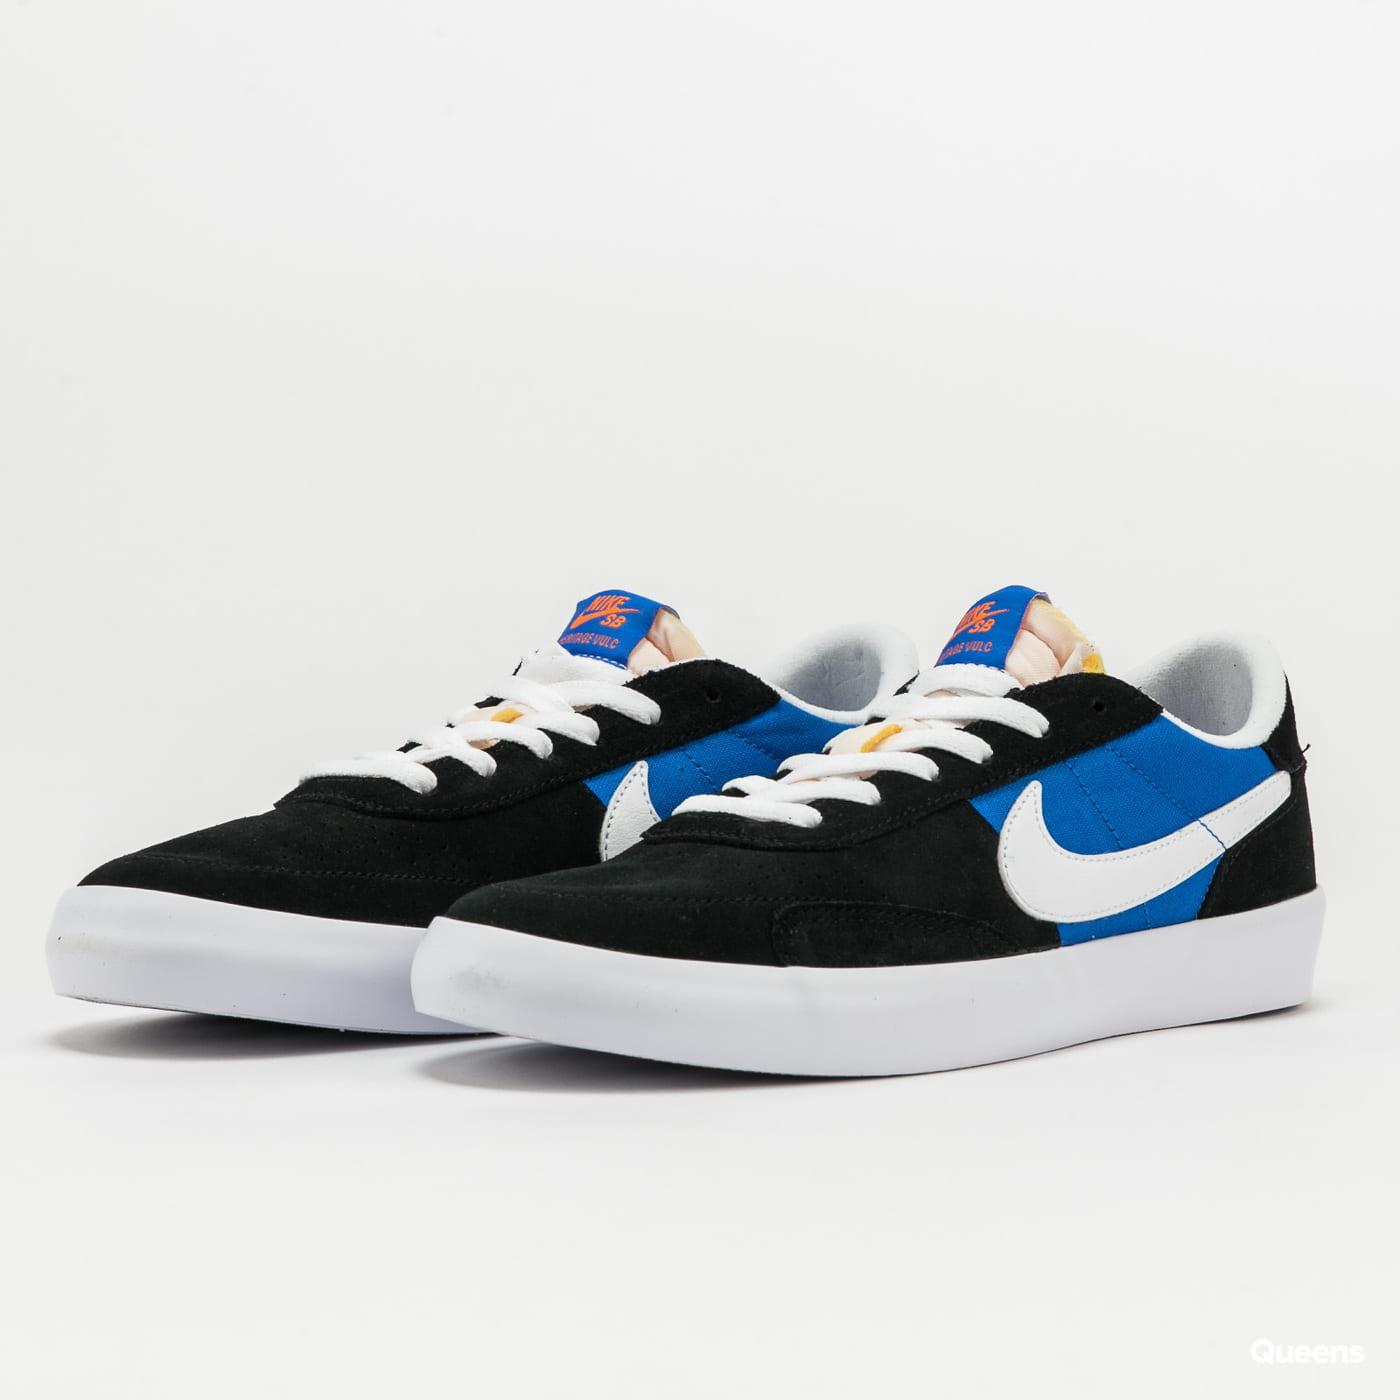 Nike SB Heritage Vulc black / white - signal blue